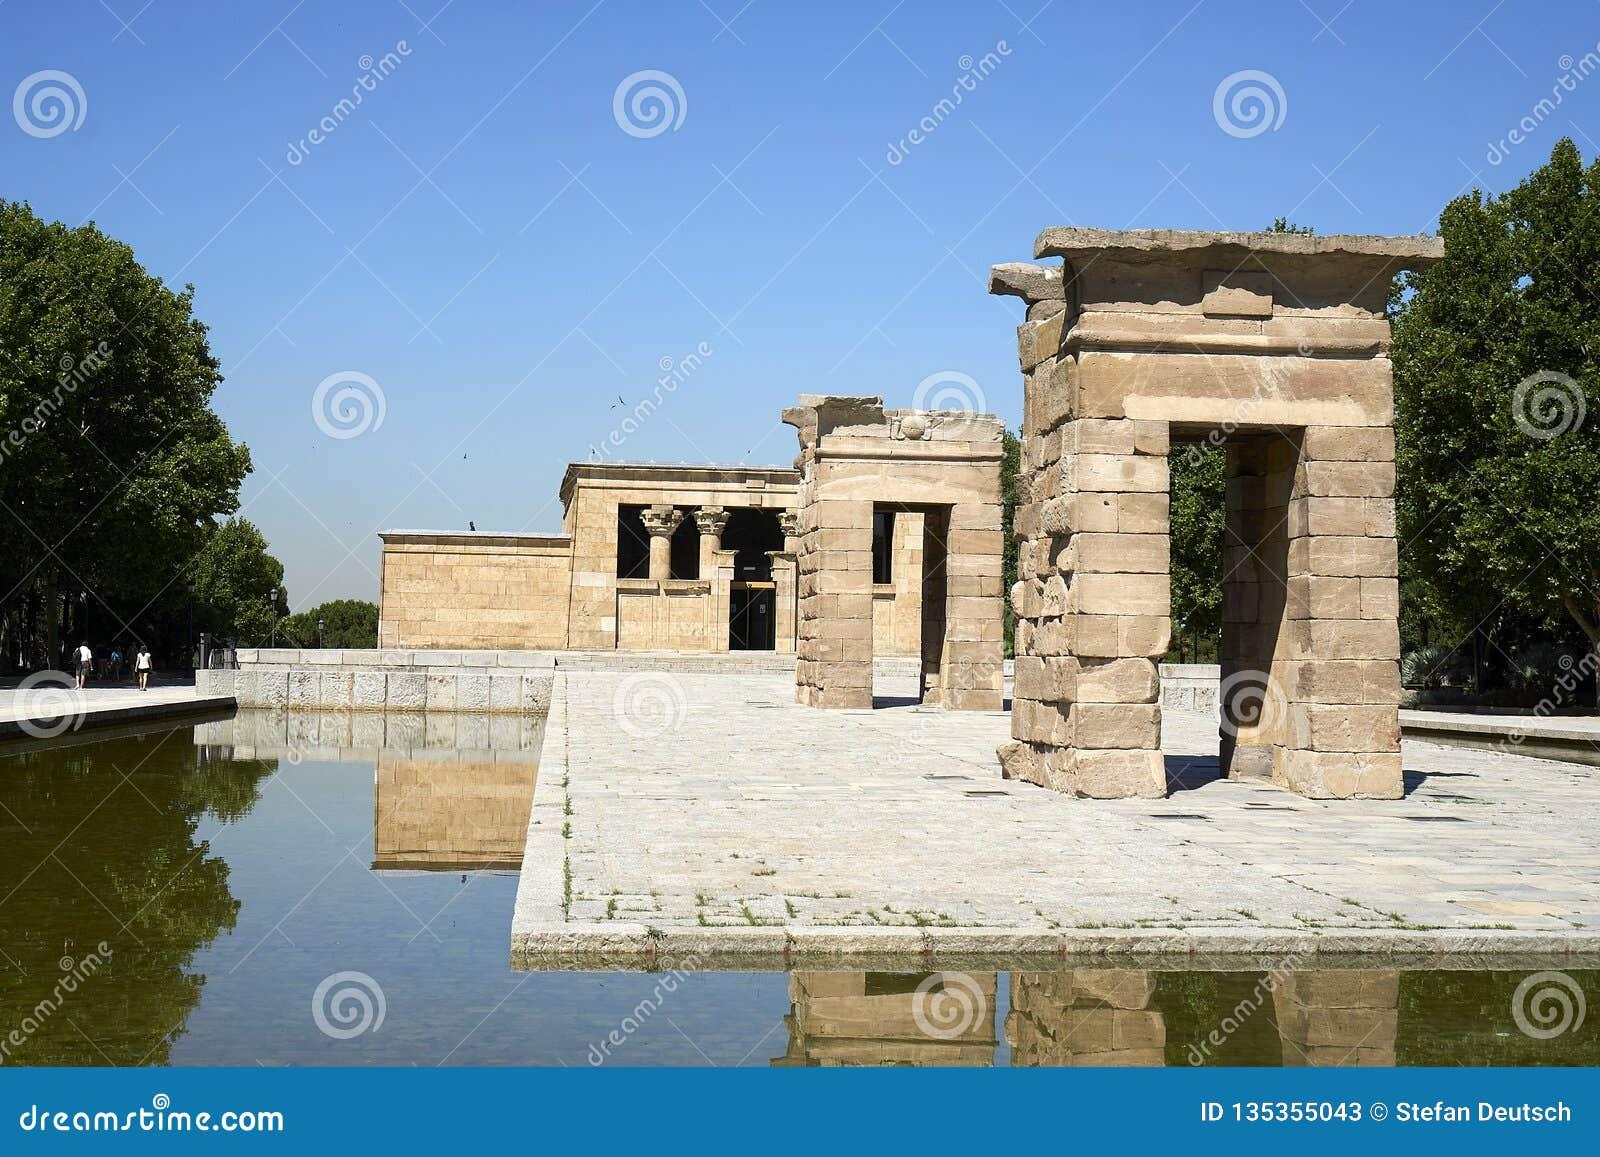 Templo de Debod an einem klaren Sommertag